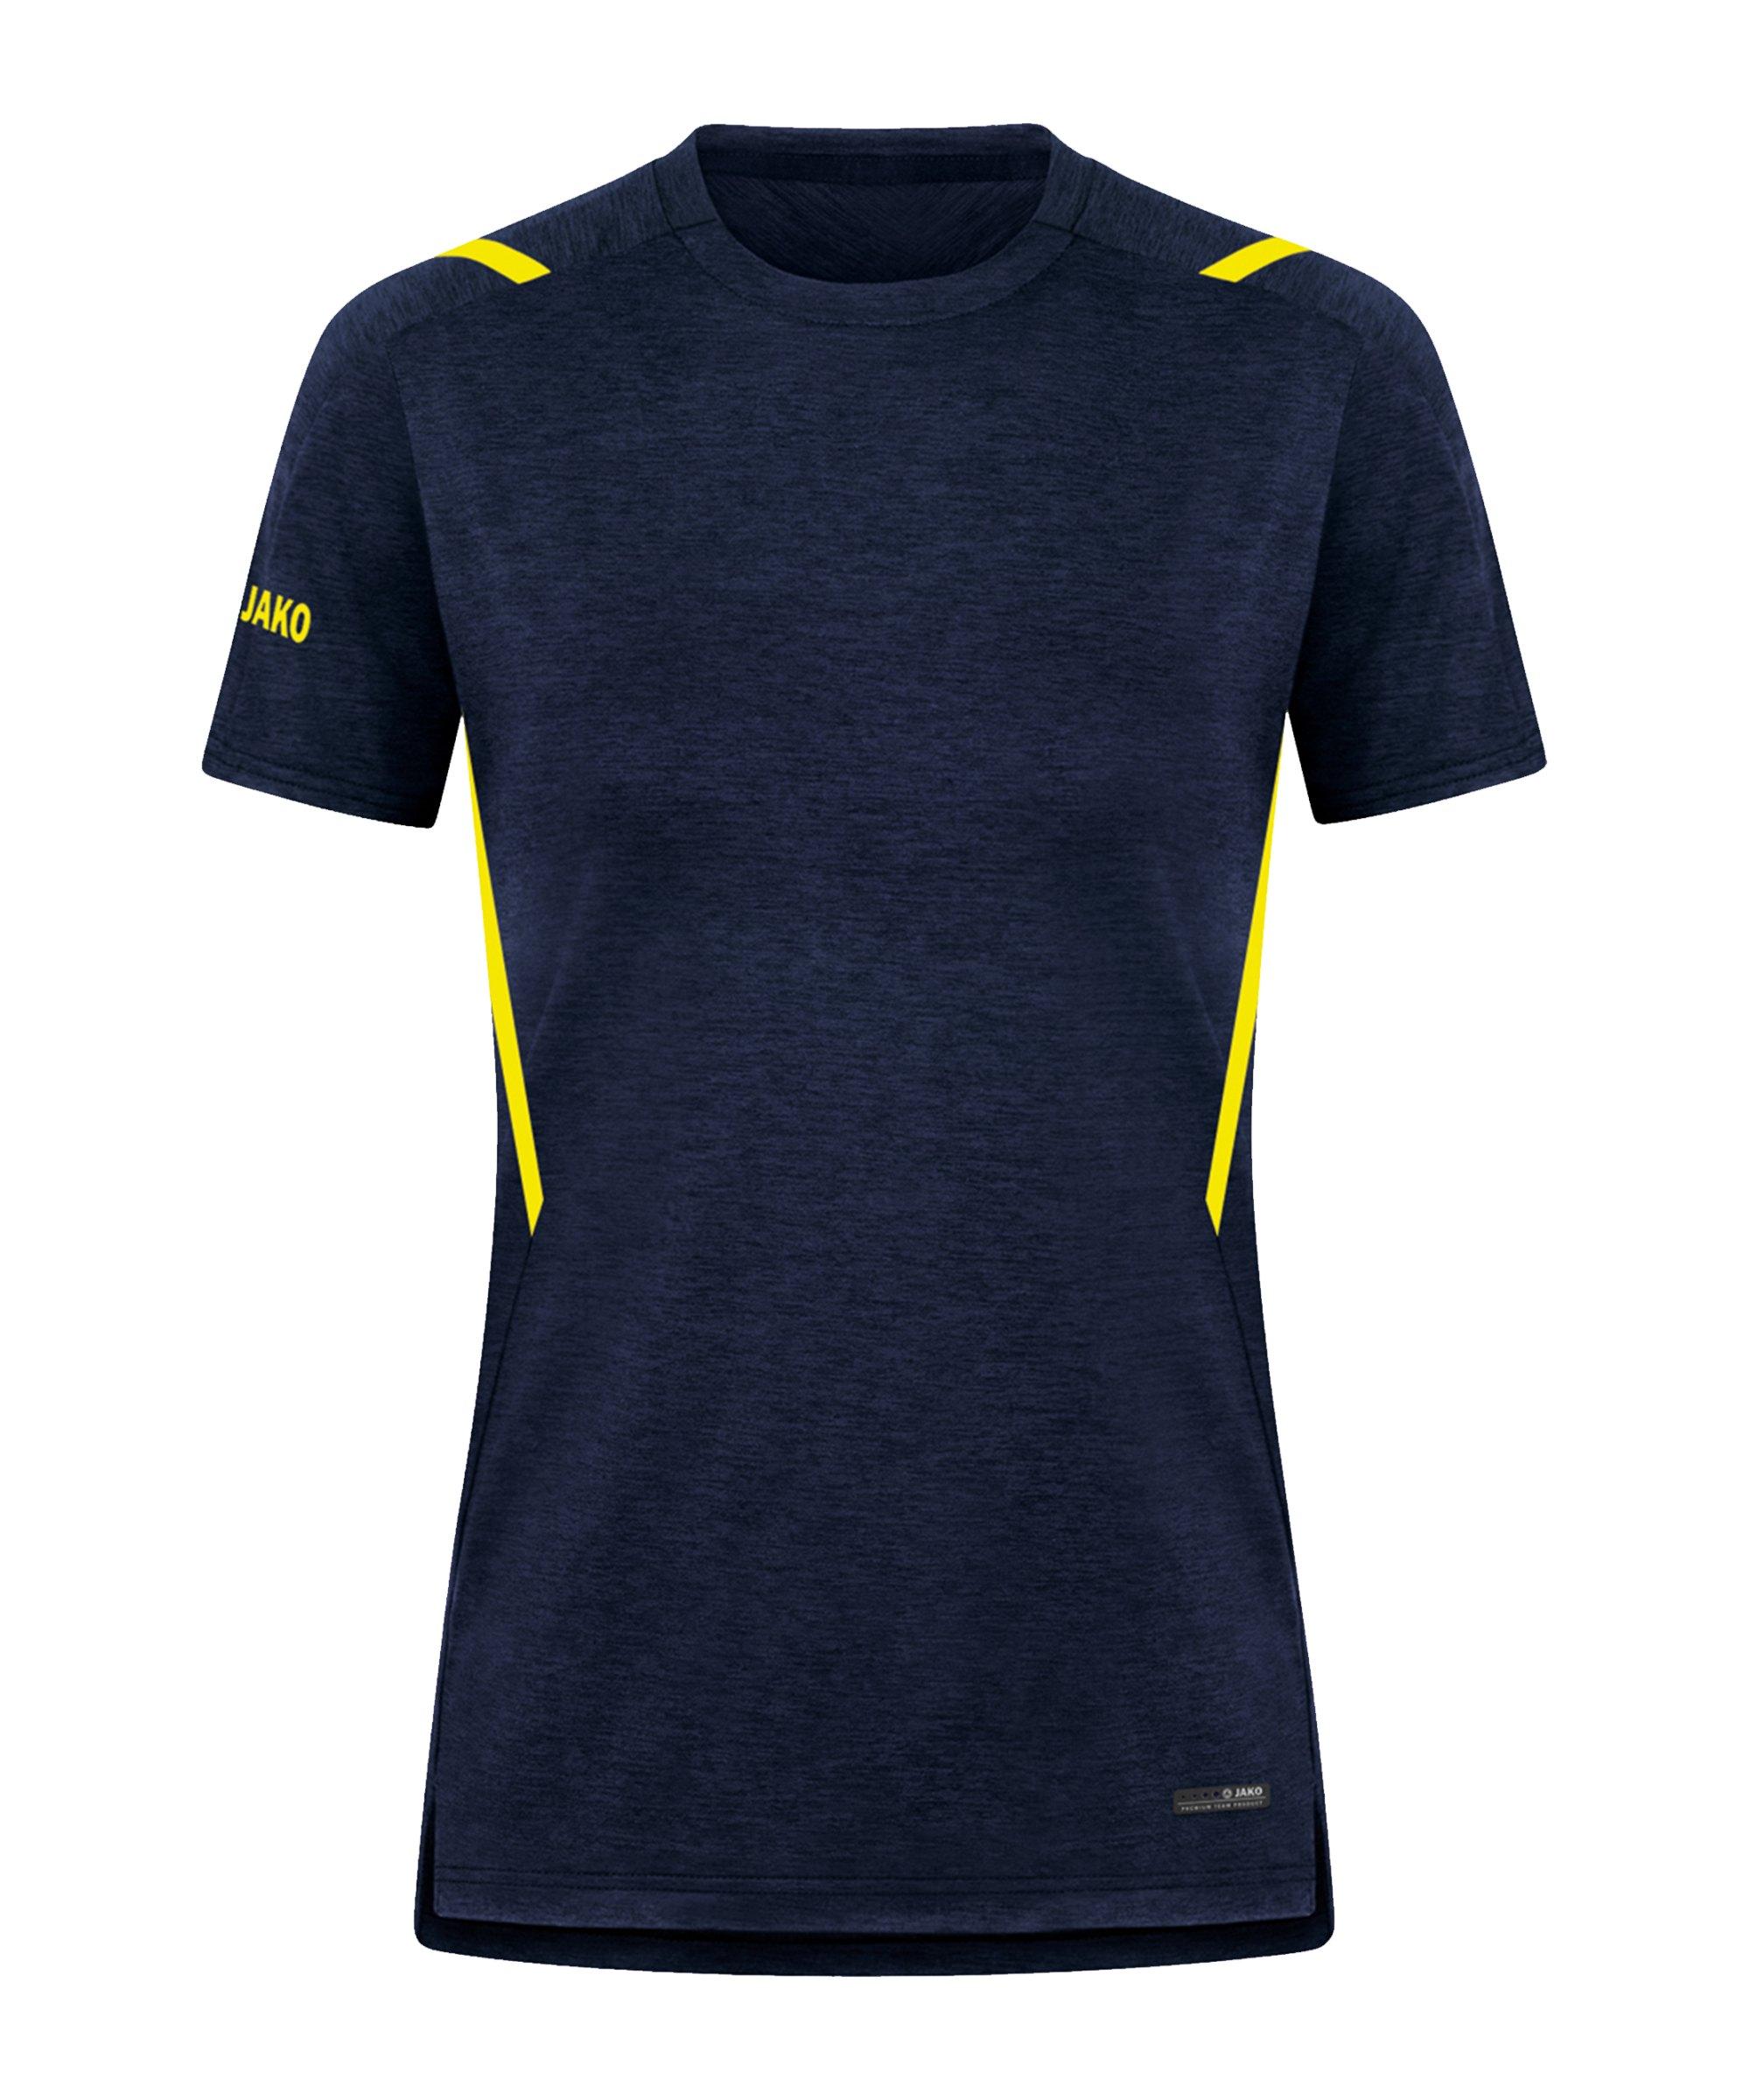 JAKO Challenge Freizeit T-Shirt Damen F512 - blau